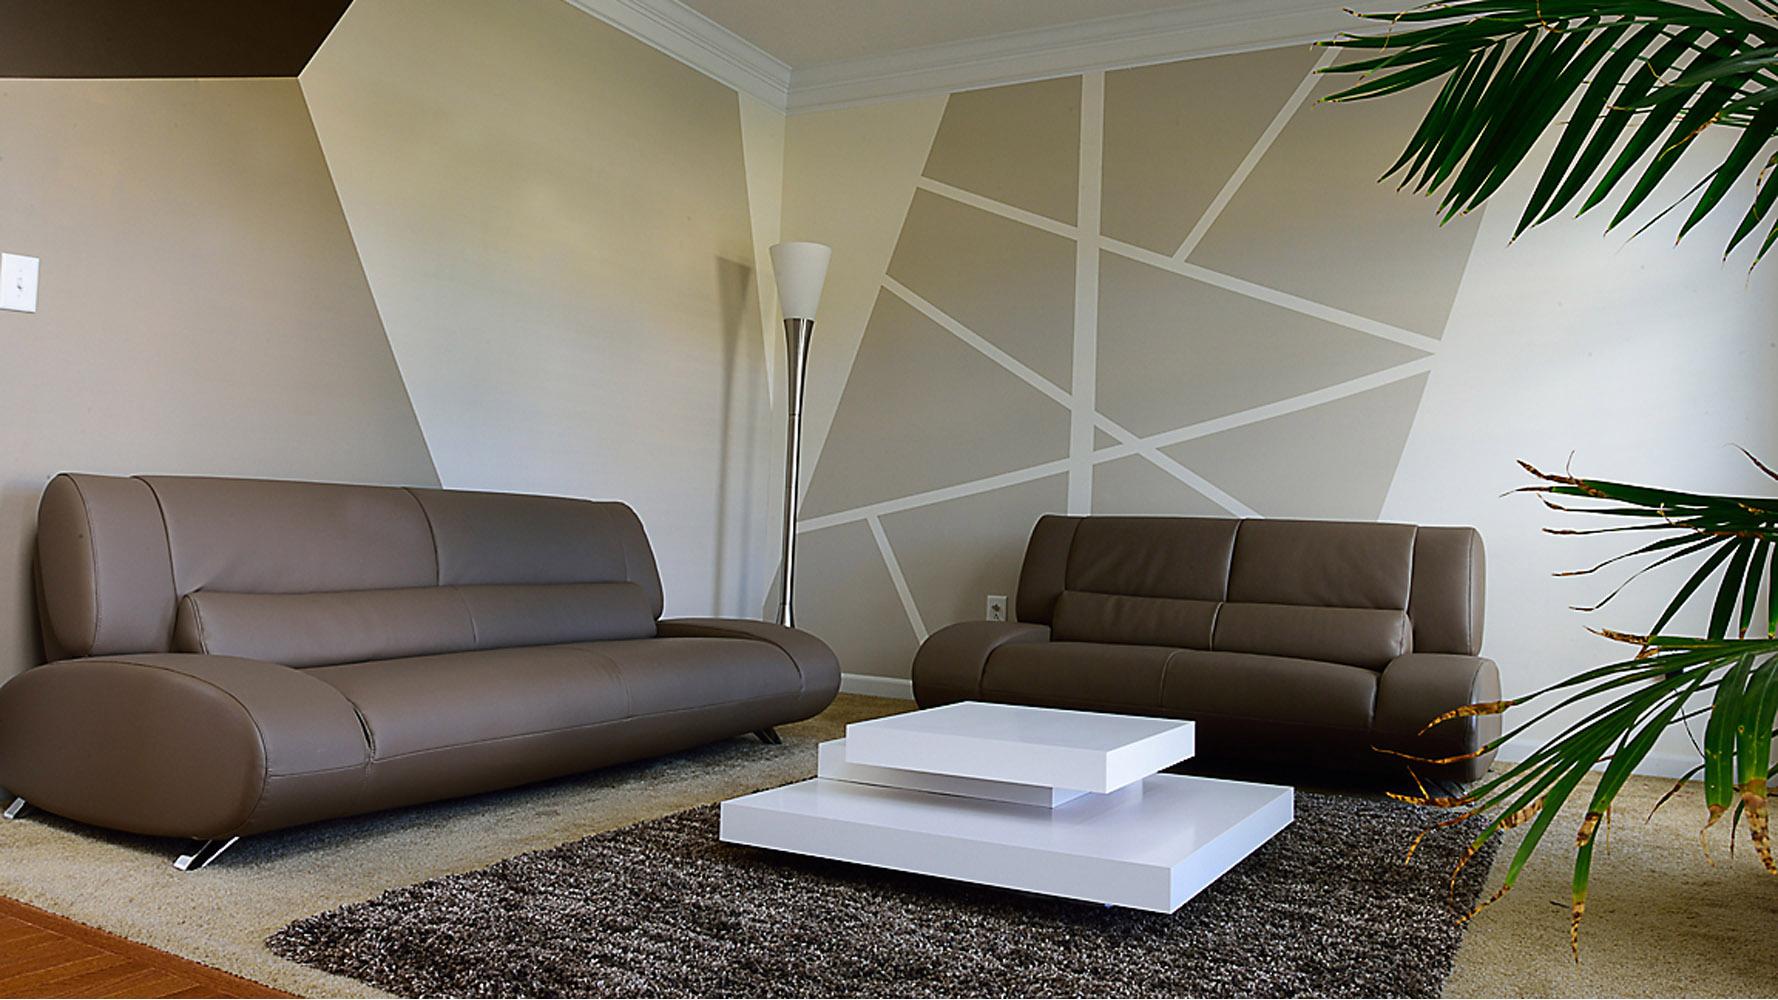 Aspen 3 Seater Zuri Furniture